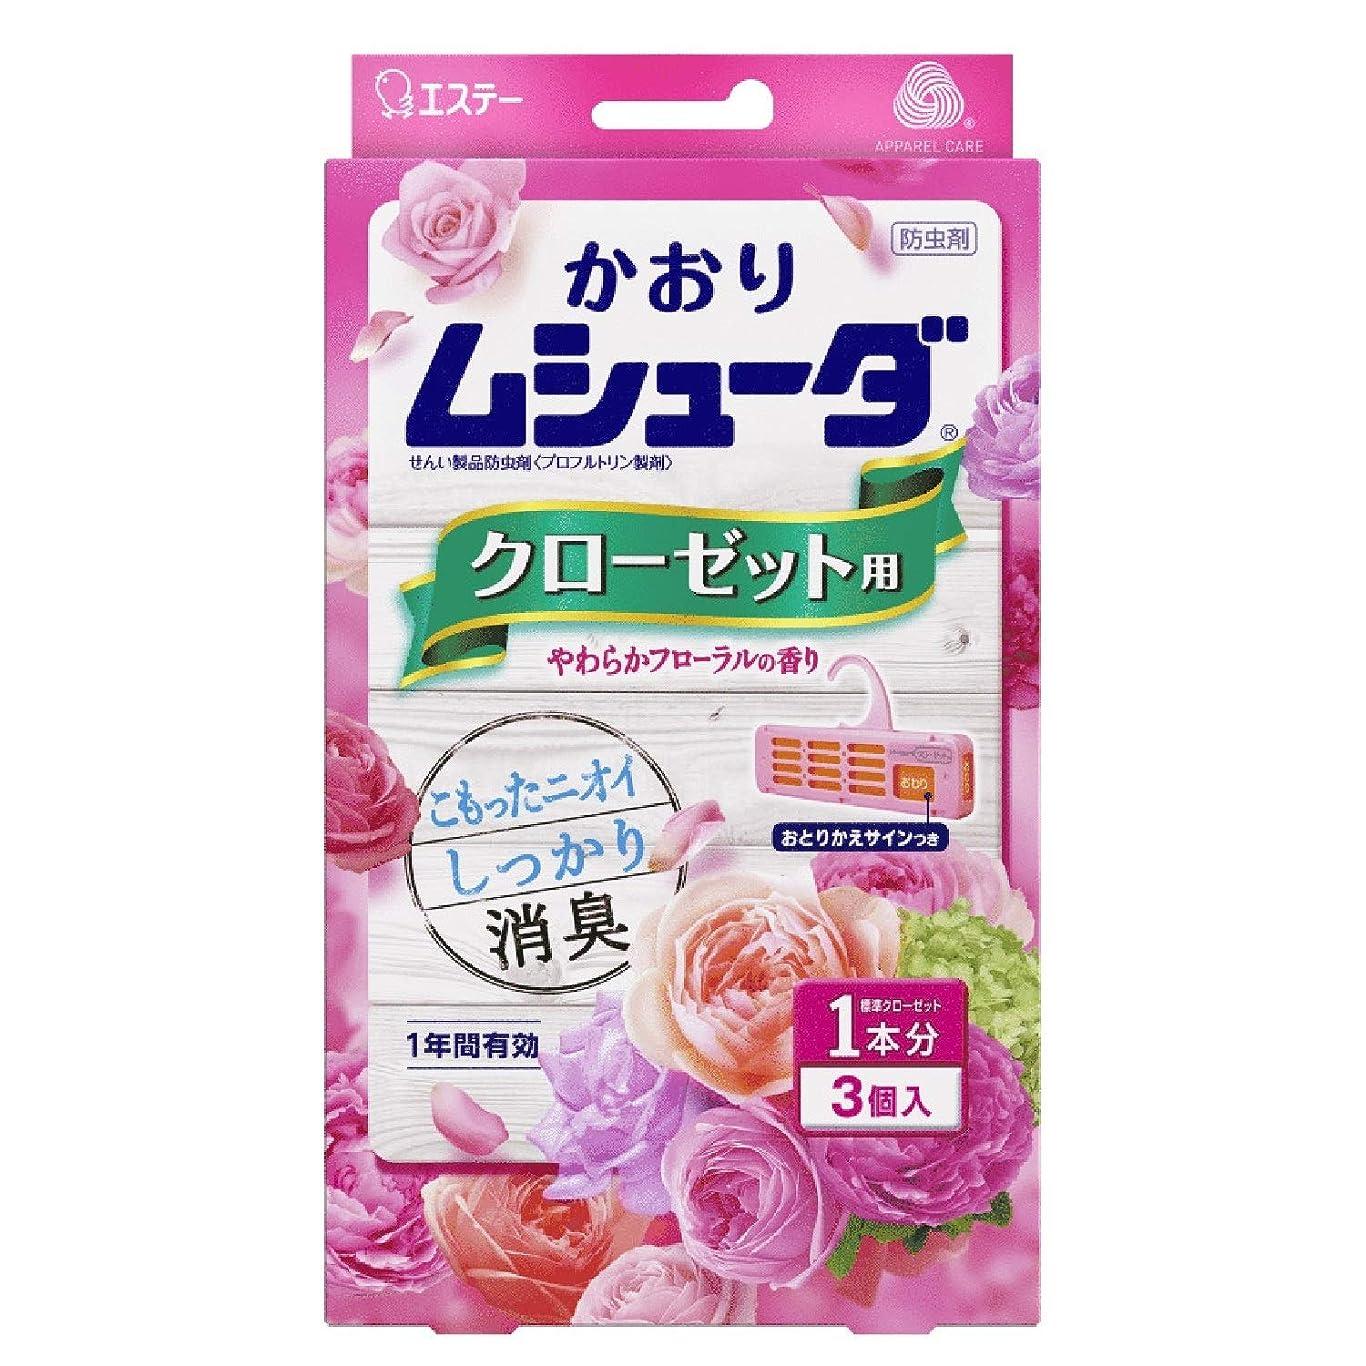 対美徳消化かおりムシューダ 1年間有効 防虫剤 クローゼット用 3個入 やわらかフローラルの香り